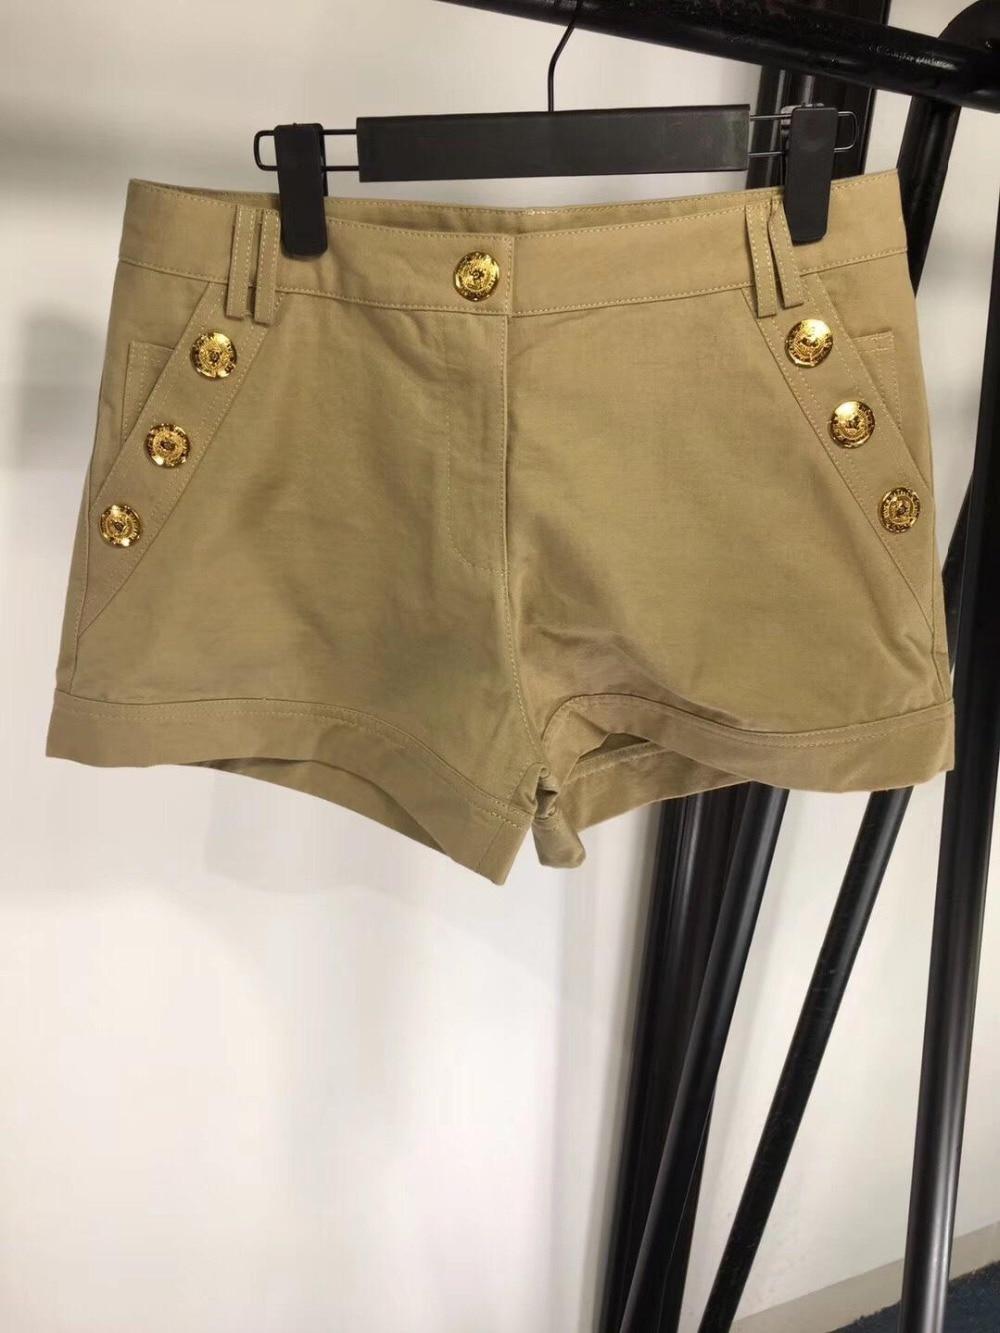 2019 new ladies button pocket denim shorts 0403